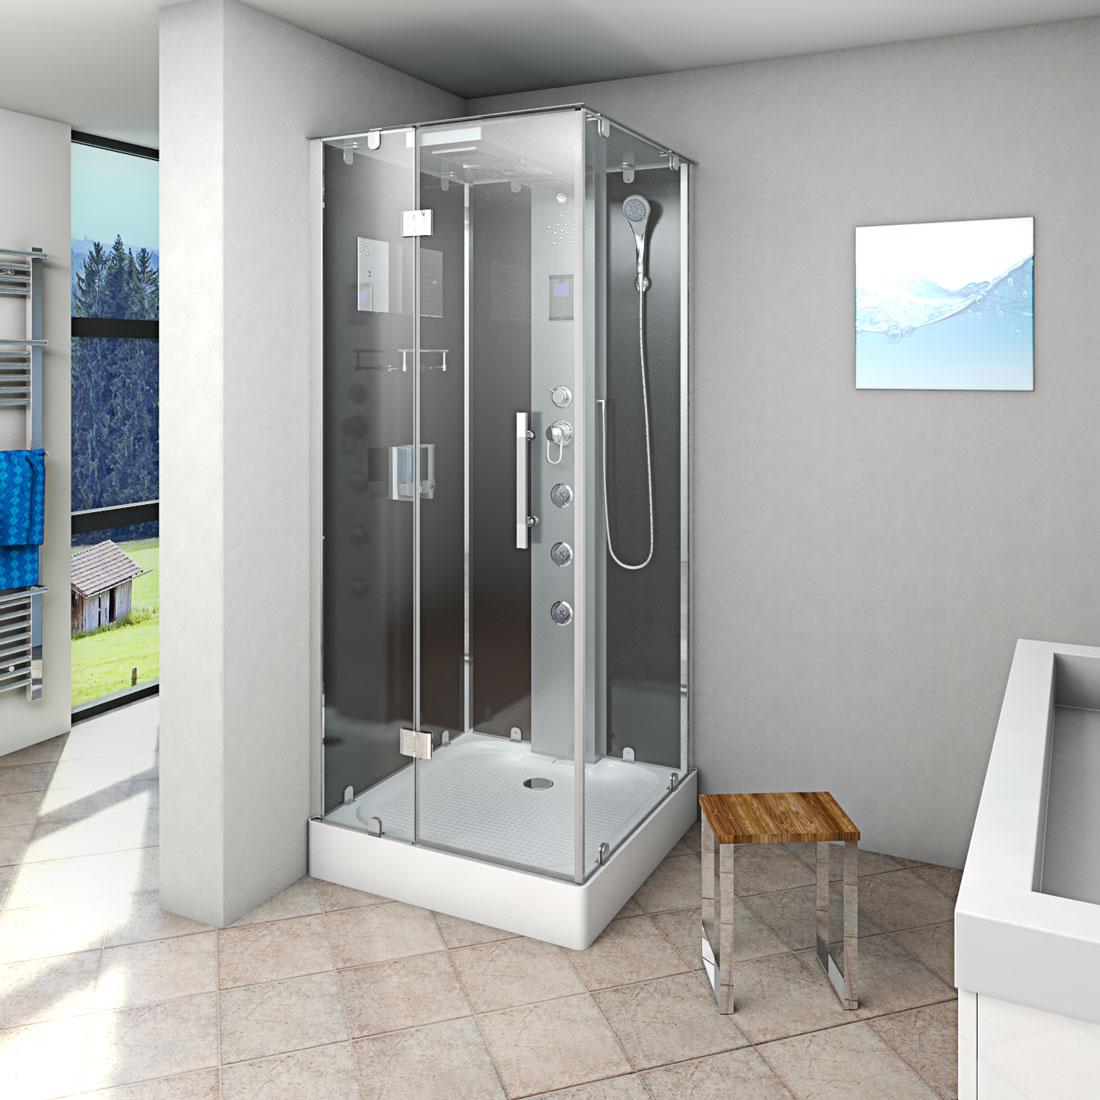 acquavapore dtp6038 1300l dusche 90x90cm. Black Bedroom Furniture Sets. Home Design Ideas